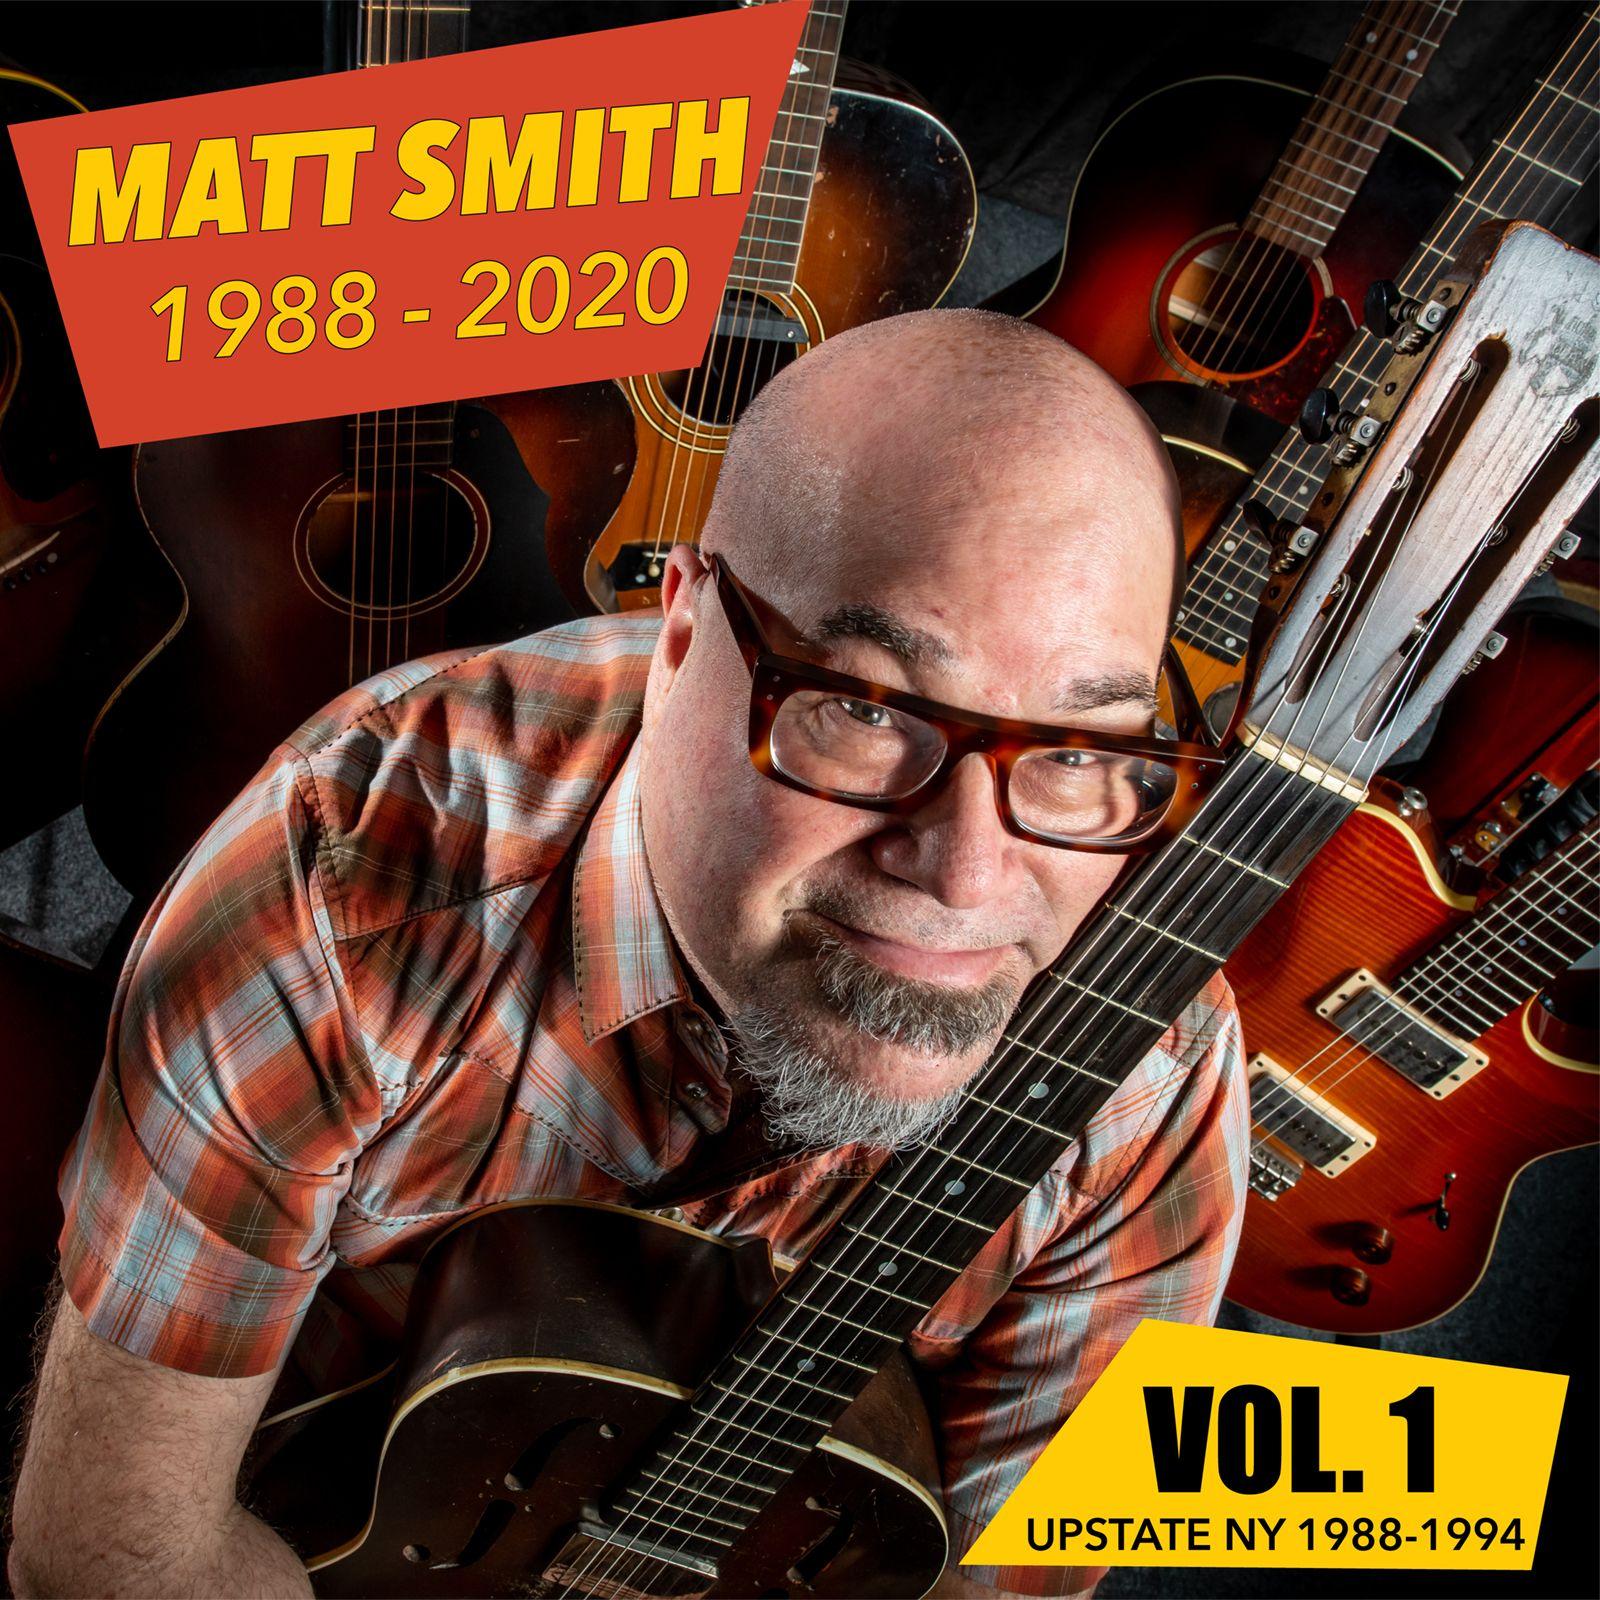 Matt Smith 1988-2020 Vol.1 - Upstate NY 1988-1994 Cover art